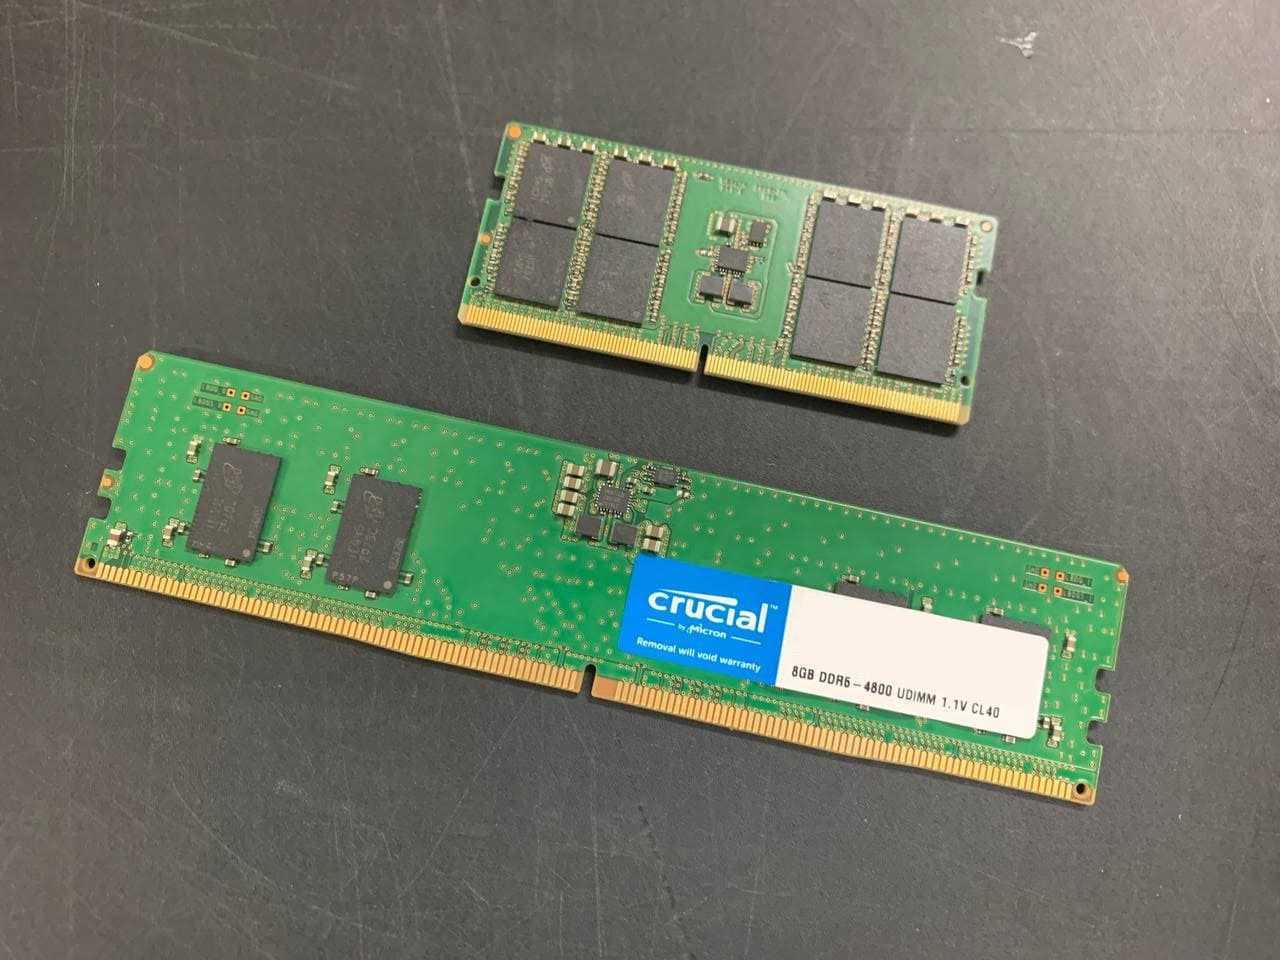 Компания Crucial представила модули памяти DDR5 для ноутбуков и настольных компьютеров (11)